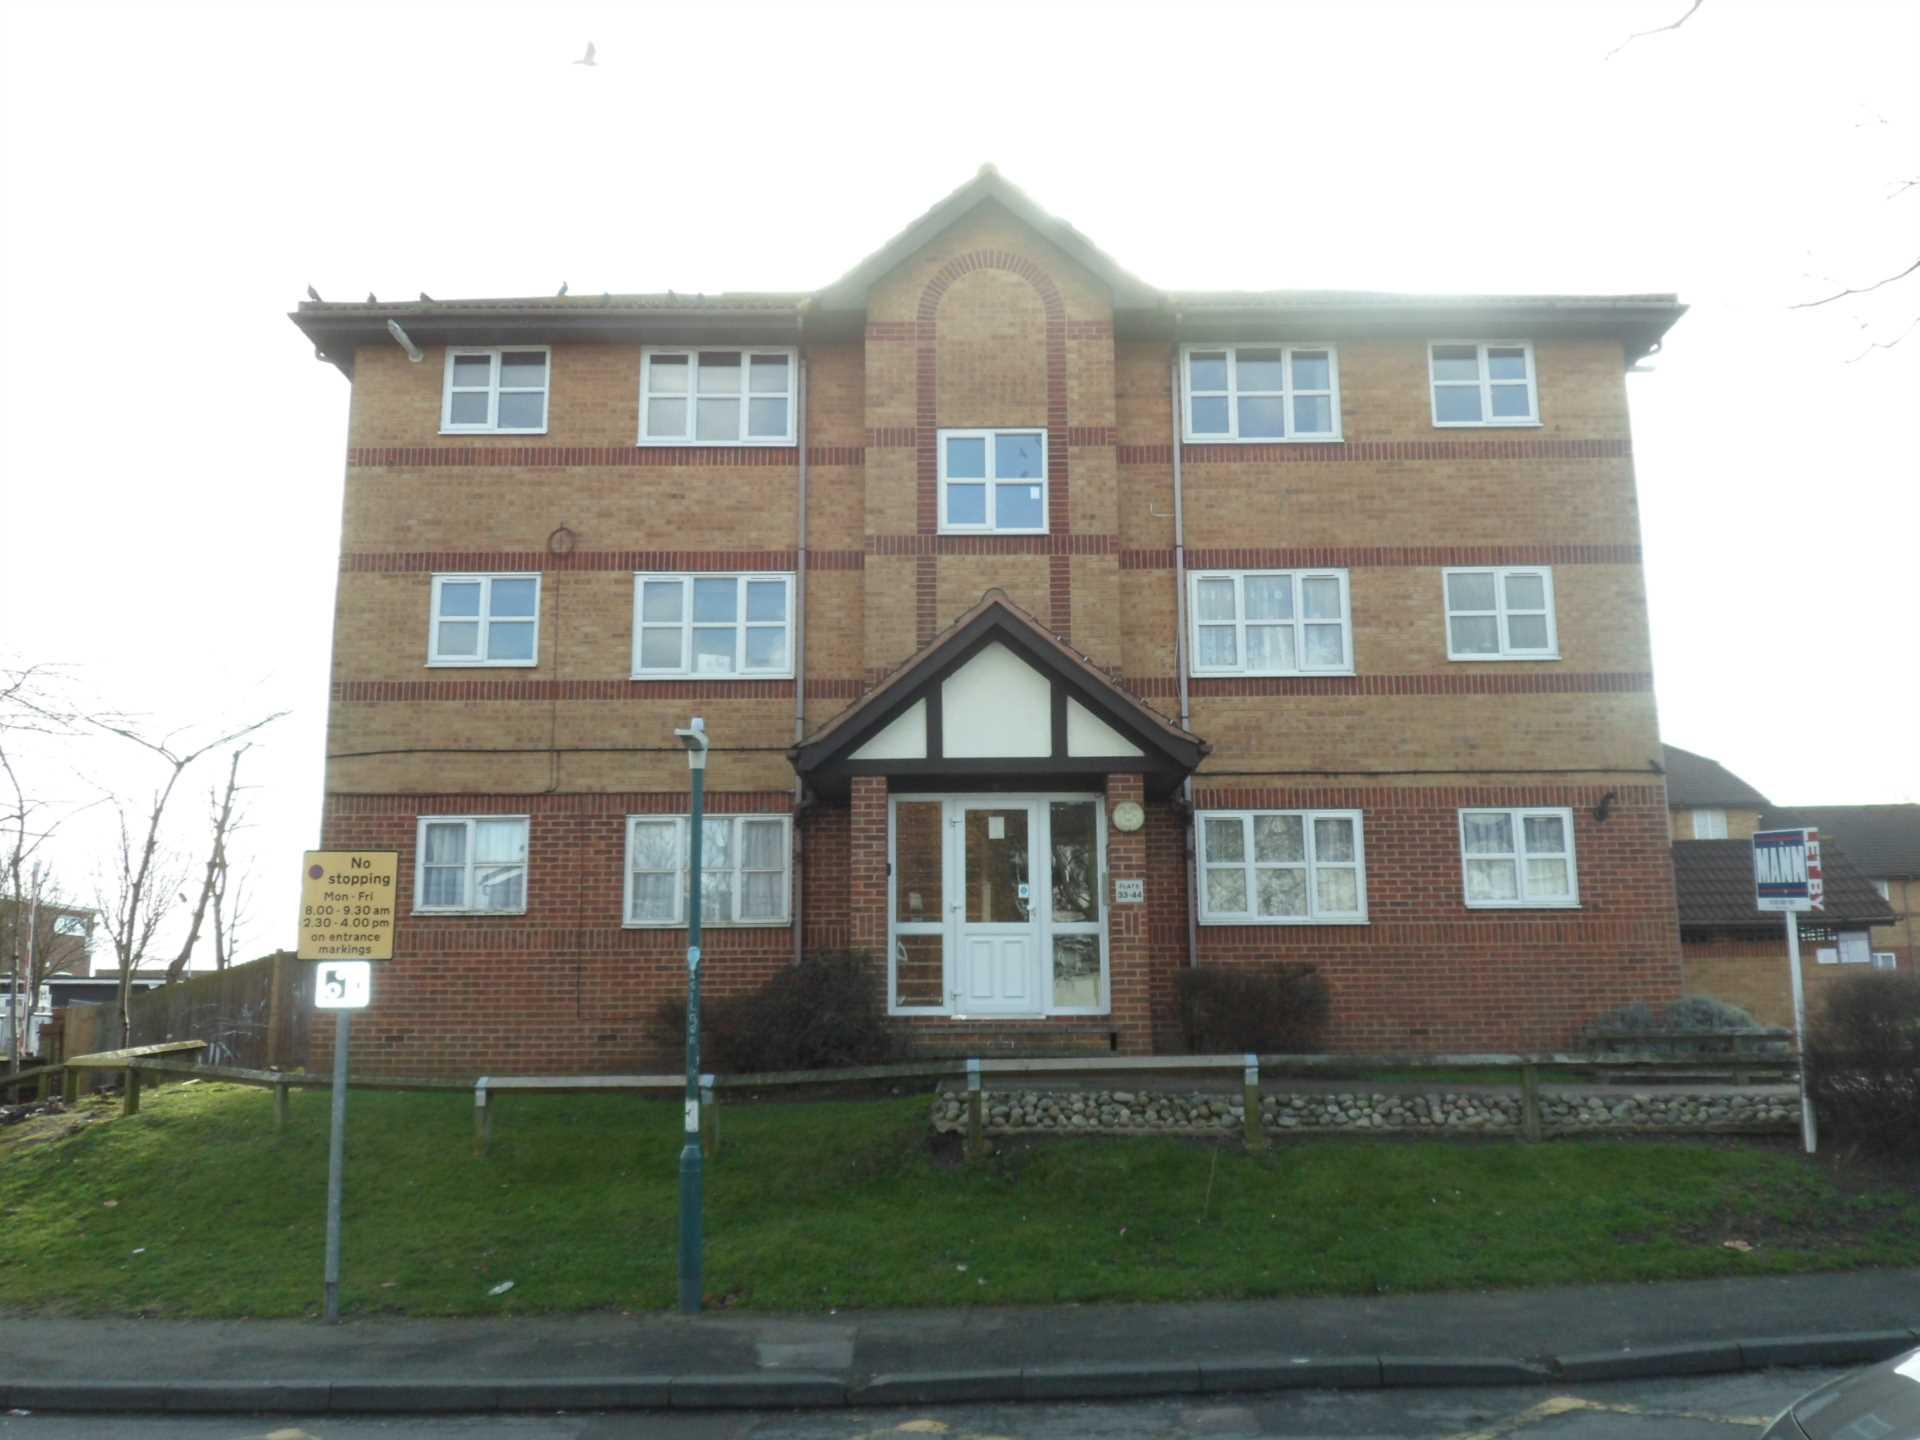 Property King Estate Agents - 1 Bedroom Studio, St Edmunds Road, Dartford